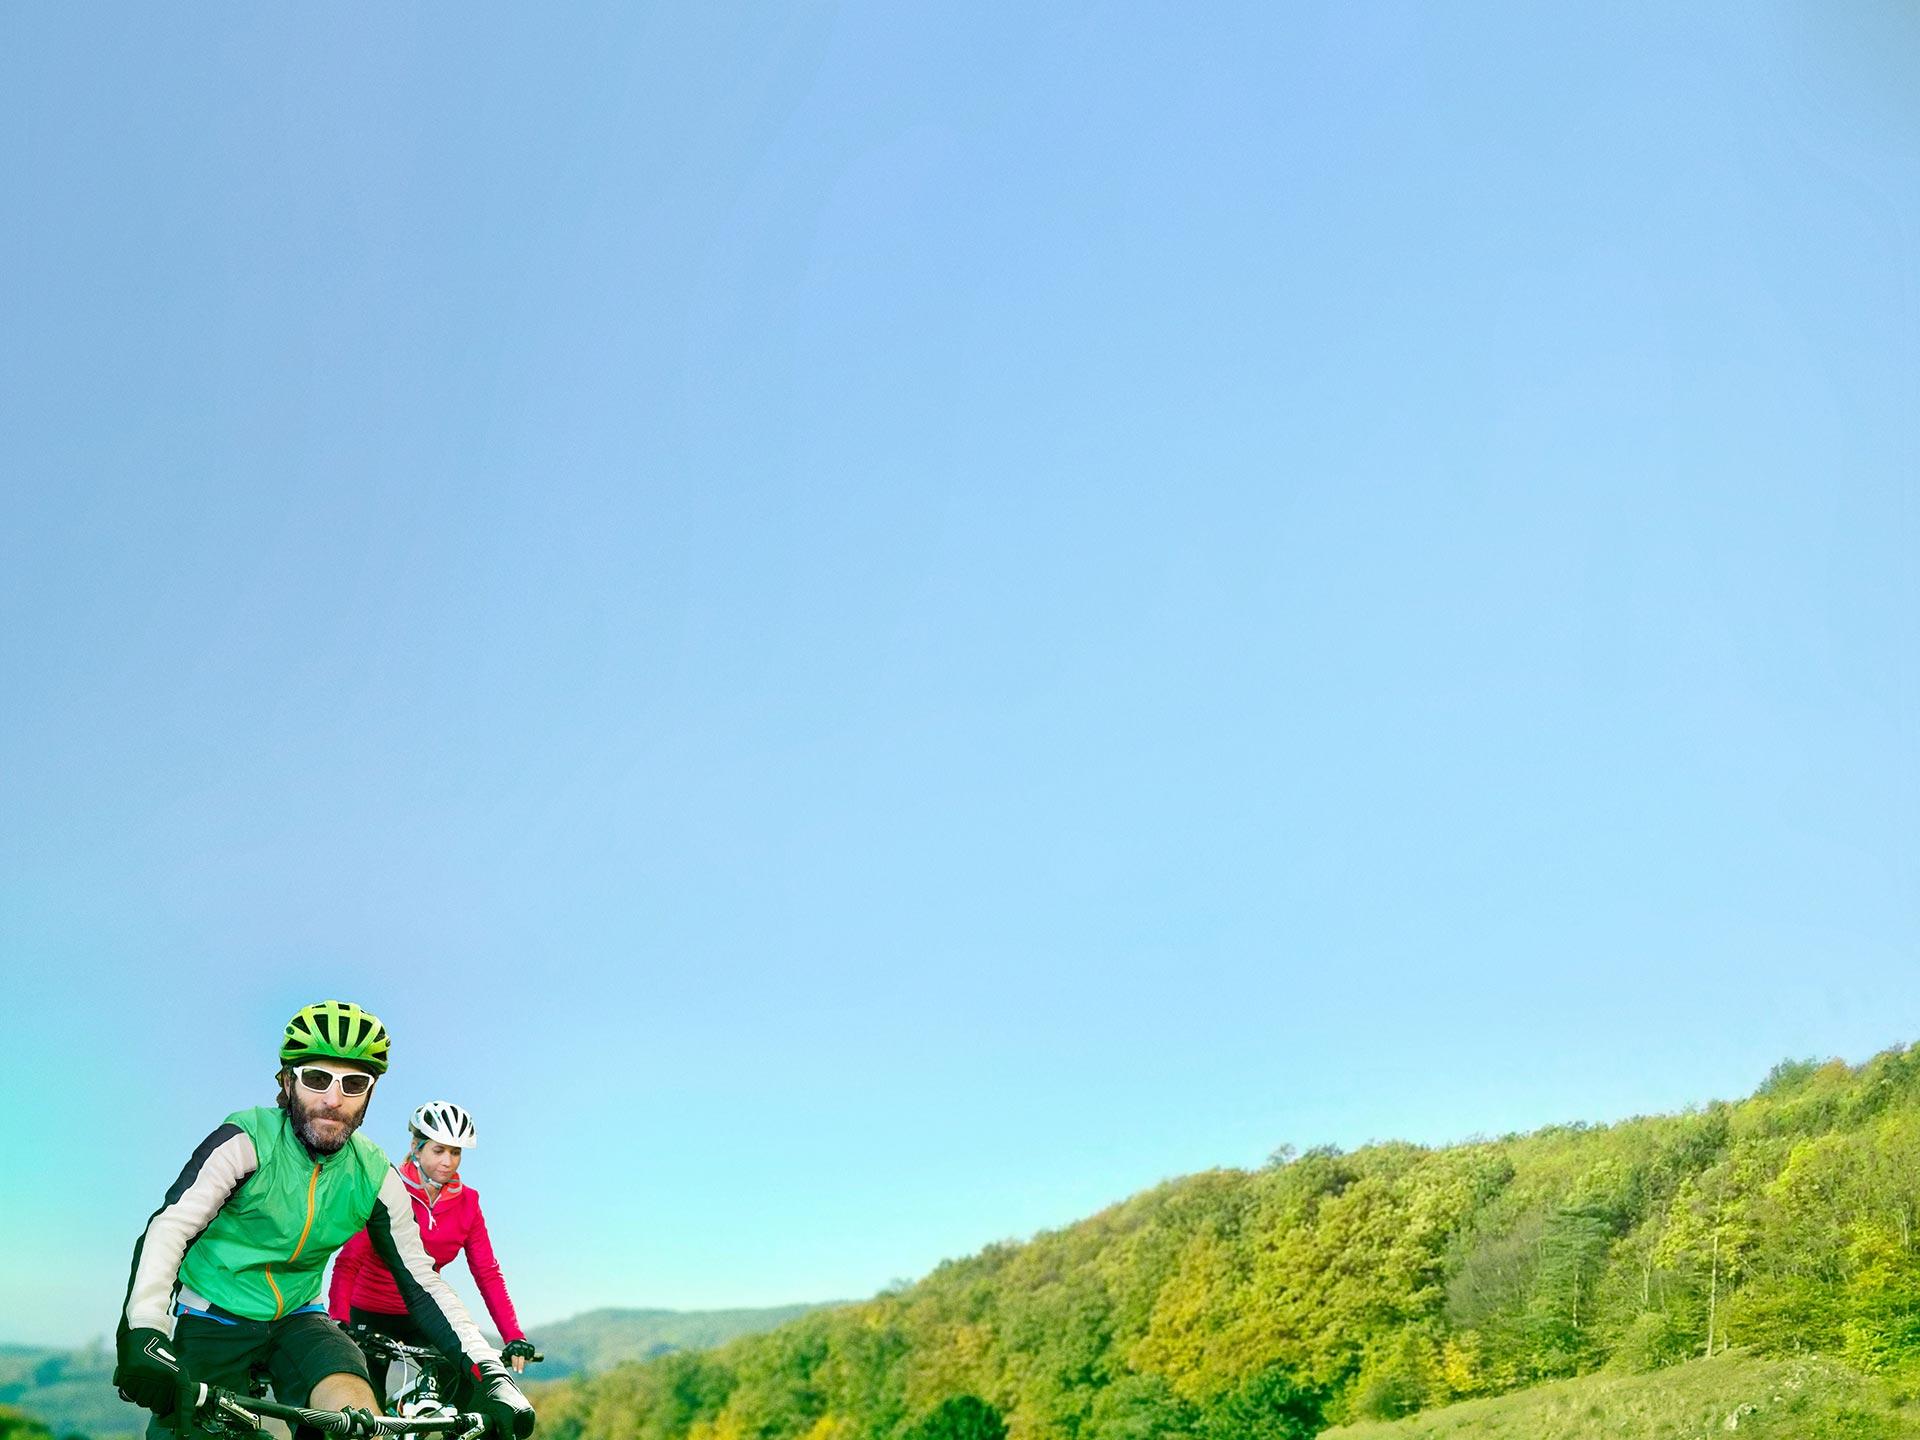 Kampagne Rad Hügel - Gemeinsam besser investieren